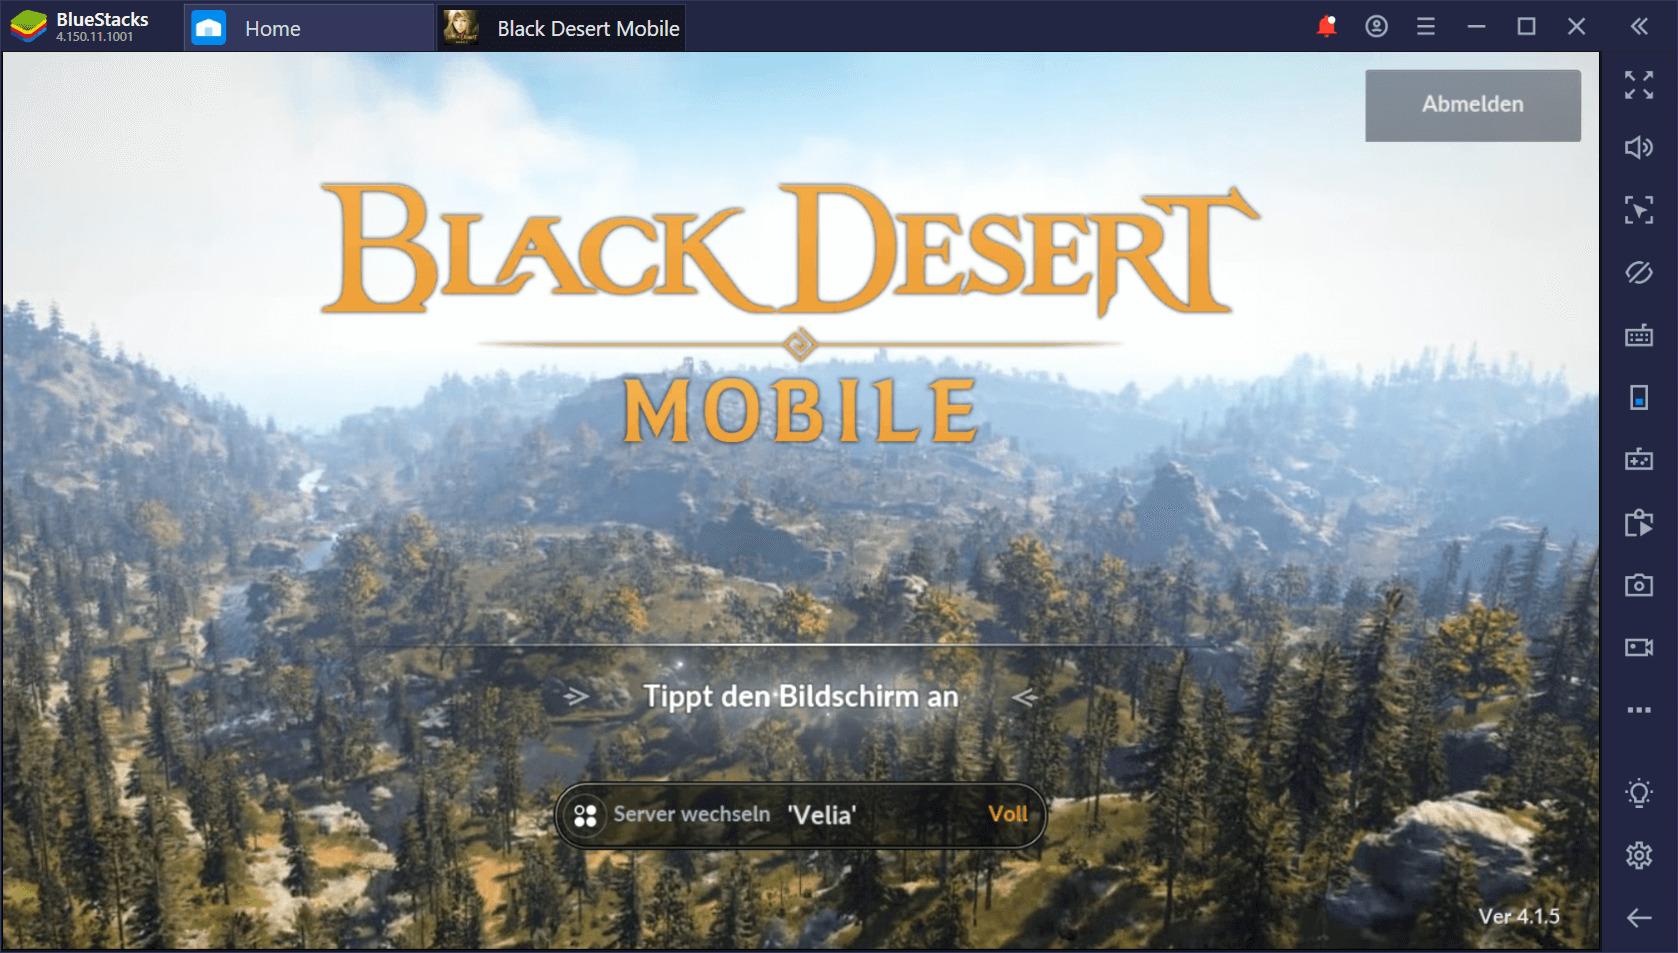 Black Desert Mobile auf dem PC: So steigst du schnell auf